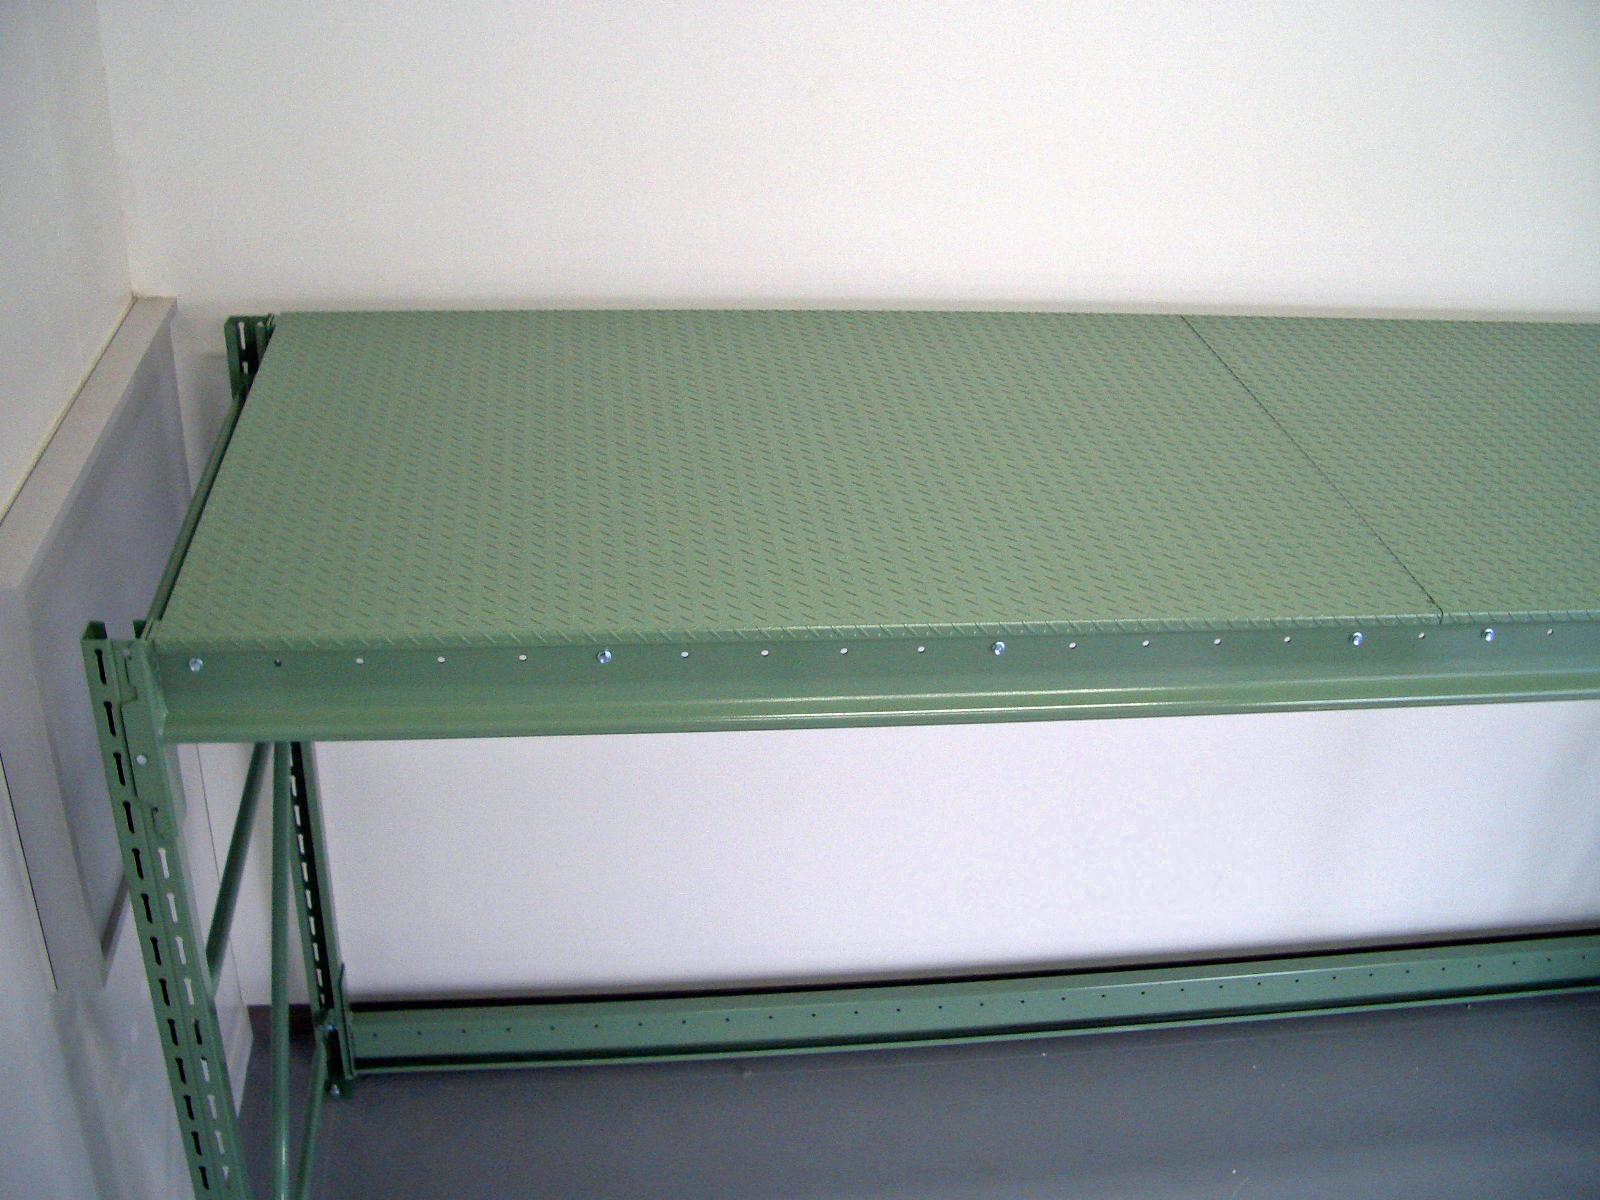 パレットラック用コ型鉄板(縞鋼板仕様)